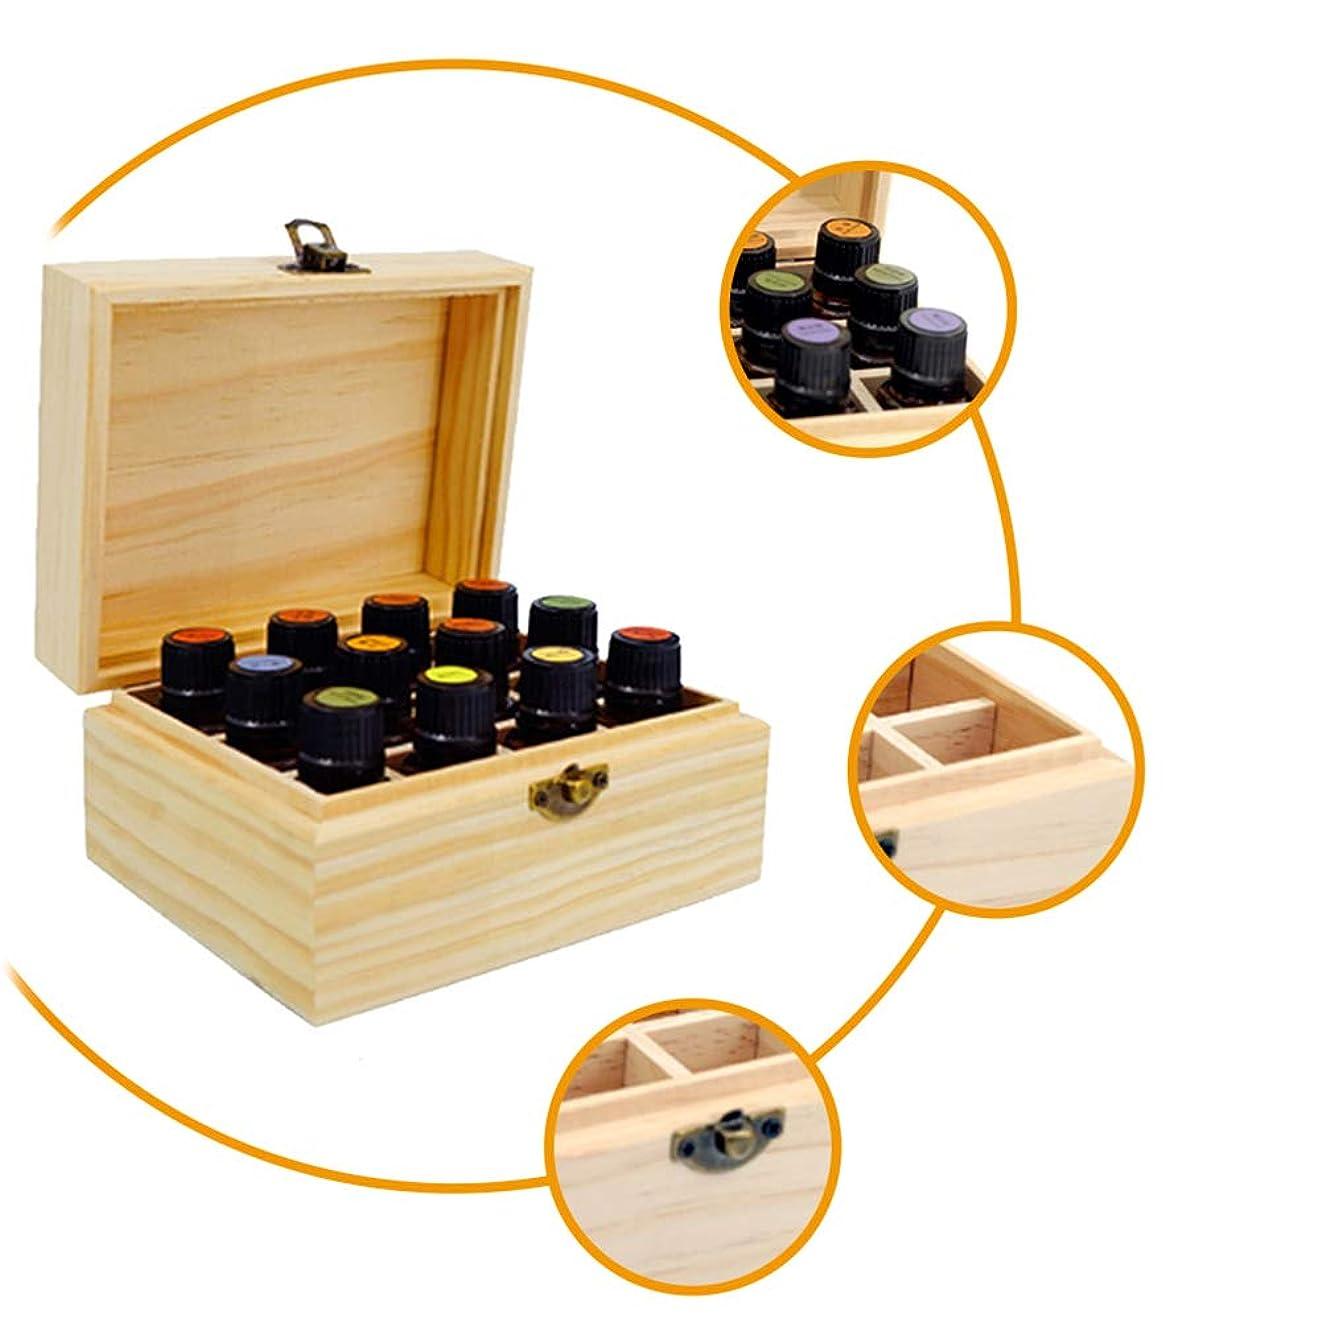 おなじみの膜メッセージJIOLK エッセンシャルオイル 収納ボックス 12本用 木製 香水収納ケース 大容量 精油収納 携帯便利 オイルボックス おしゃれ 精油ケース